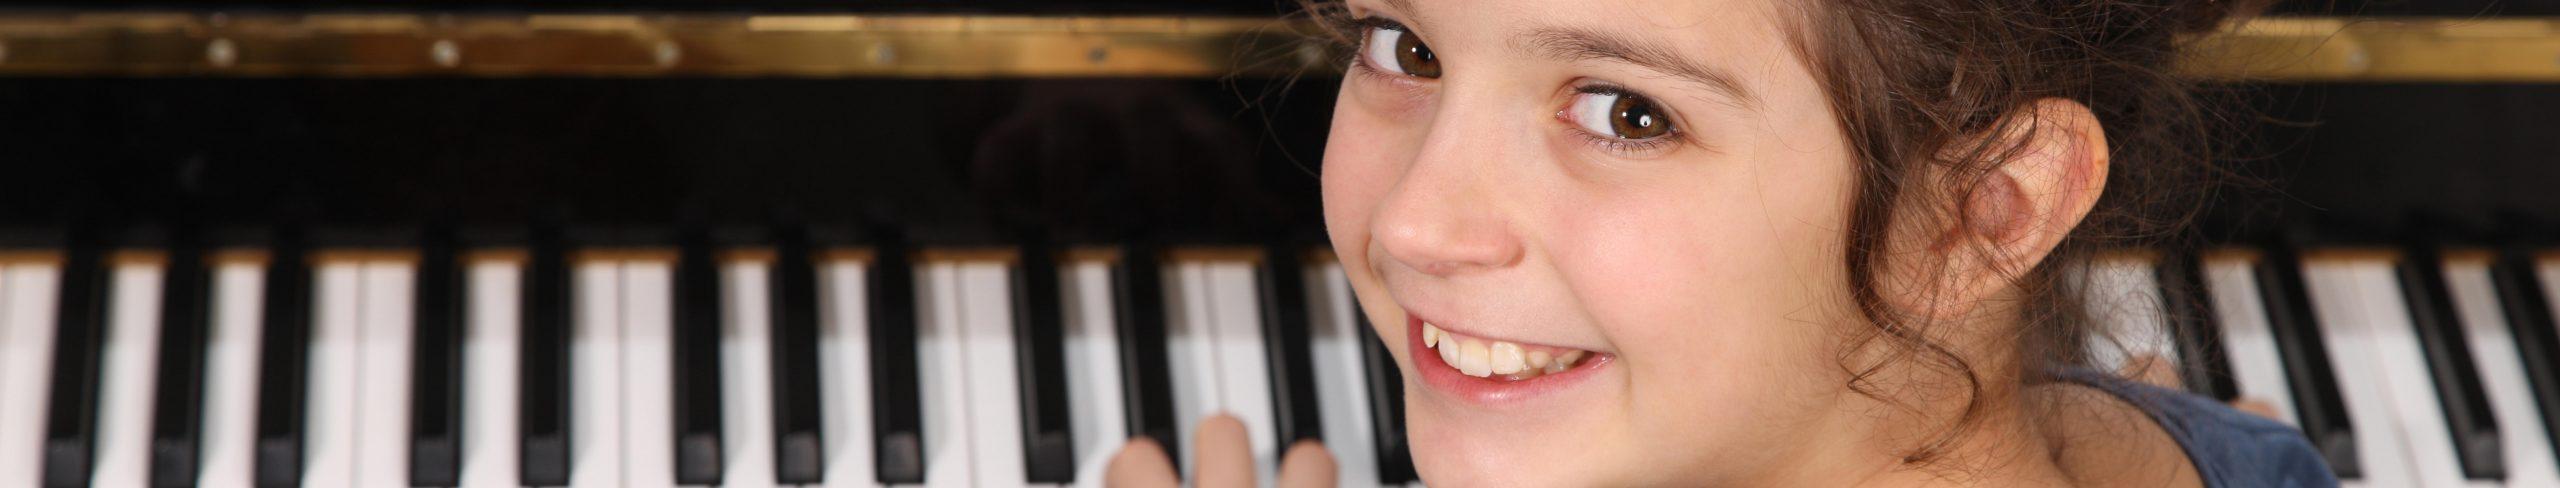 il pianoforte per un bambino